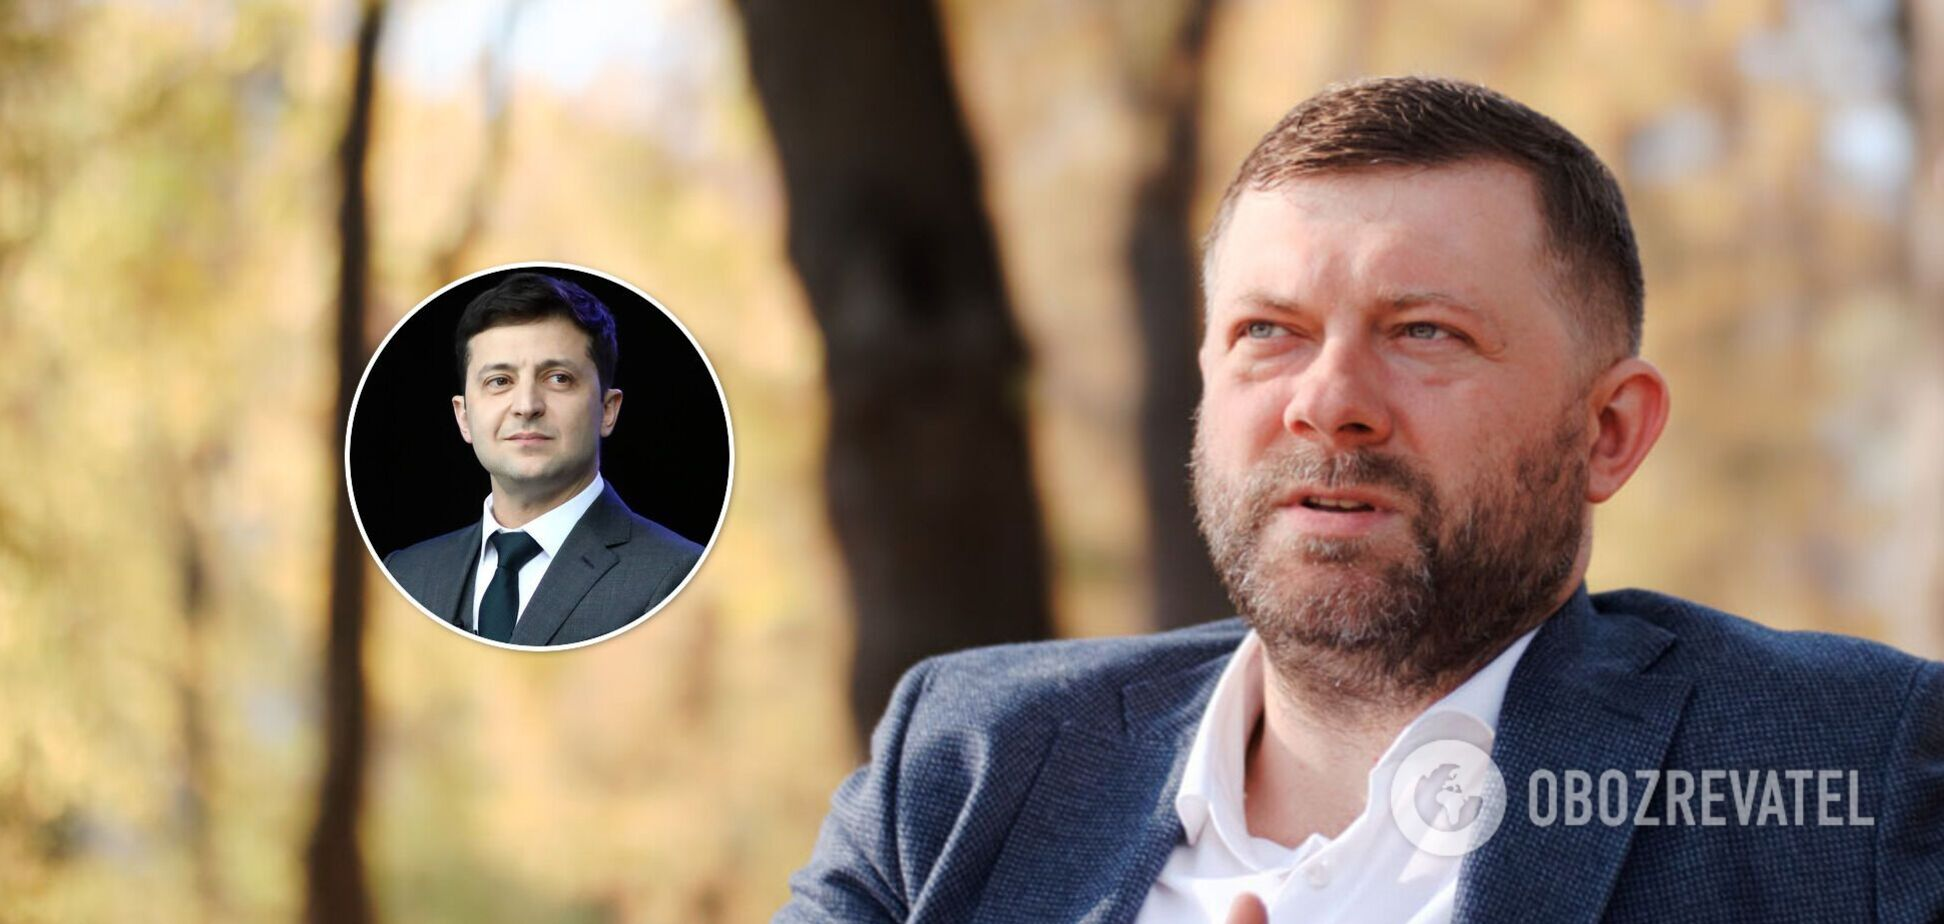 Корниенко призвал не спекулировать на втором сроке Зеленского